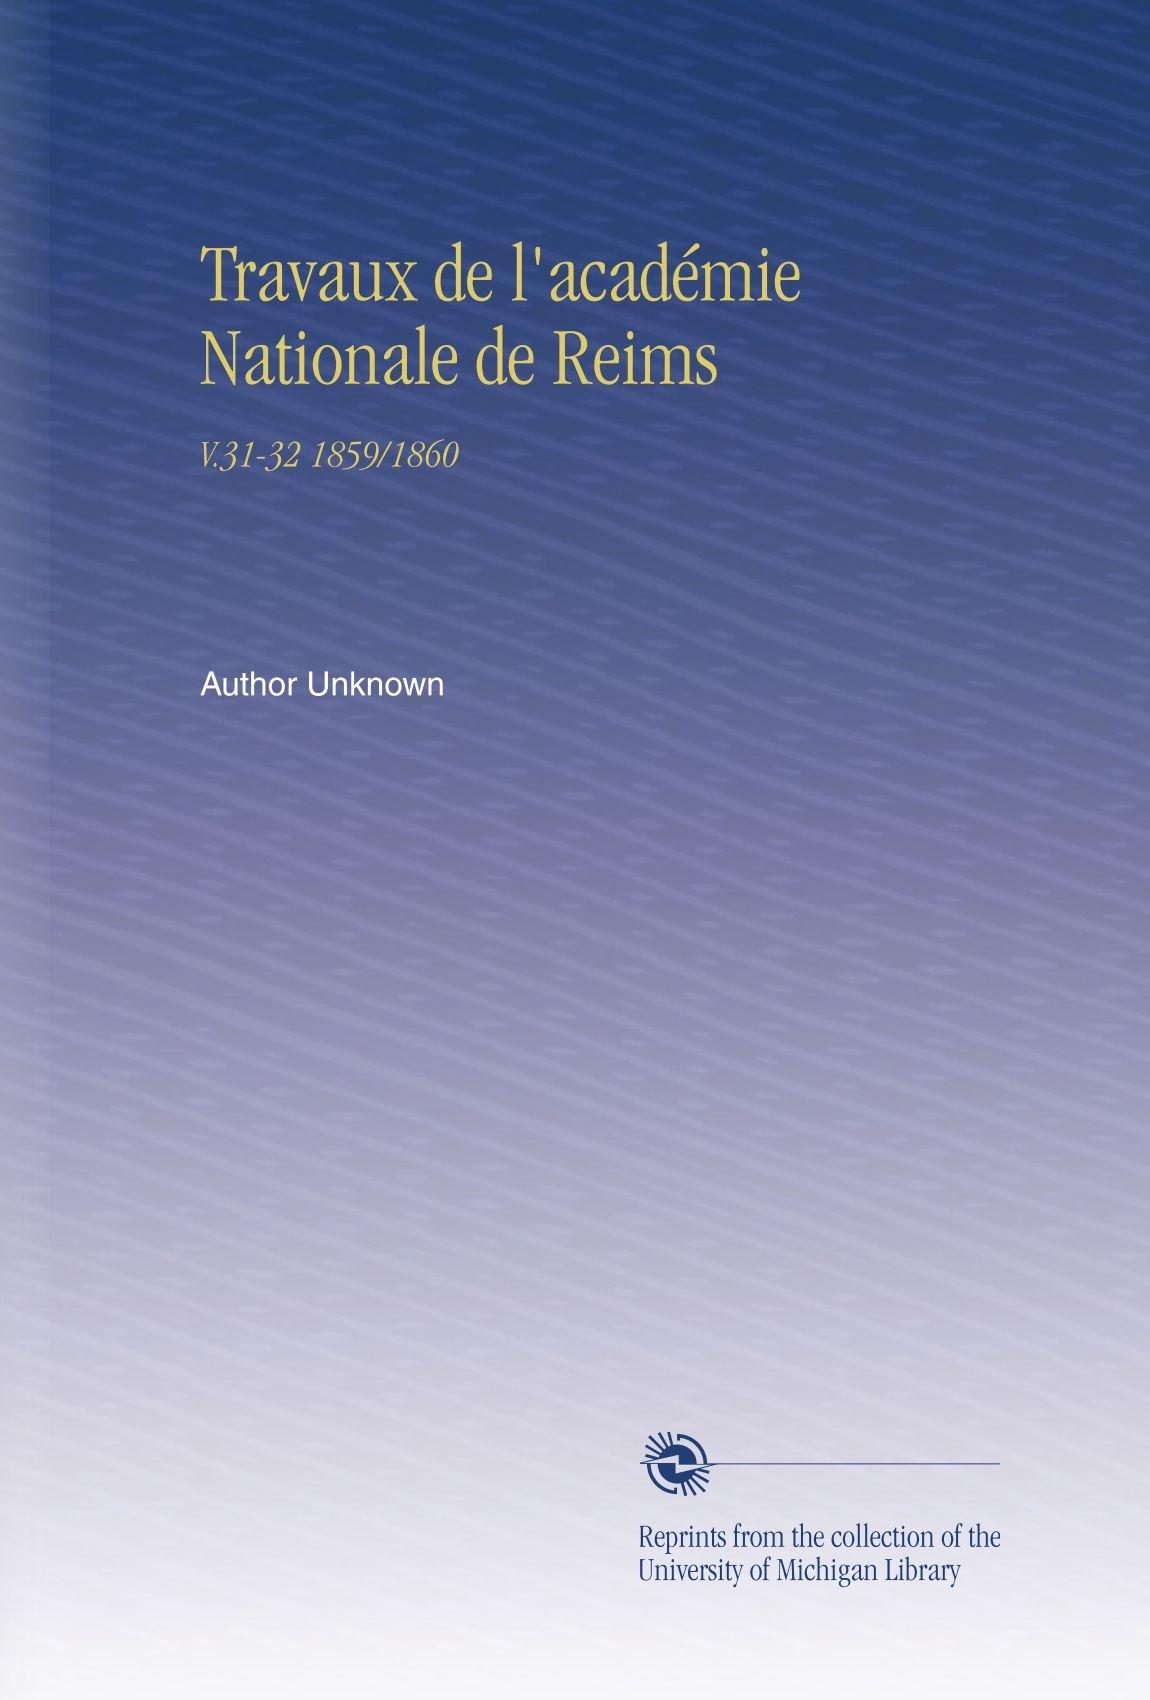 Download Travaux de l'académie Nationale de Reims: V.31-32 1859/1860 (French Edition) pdf